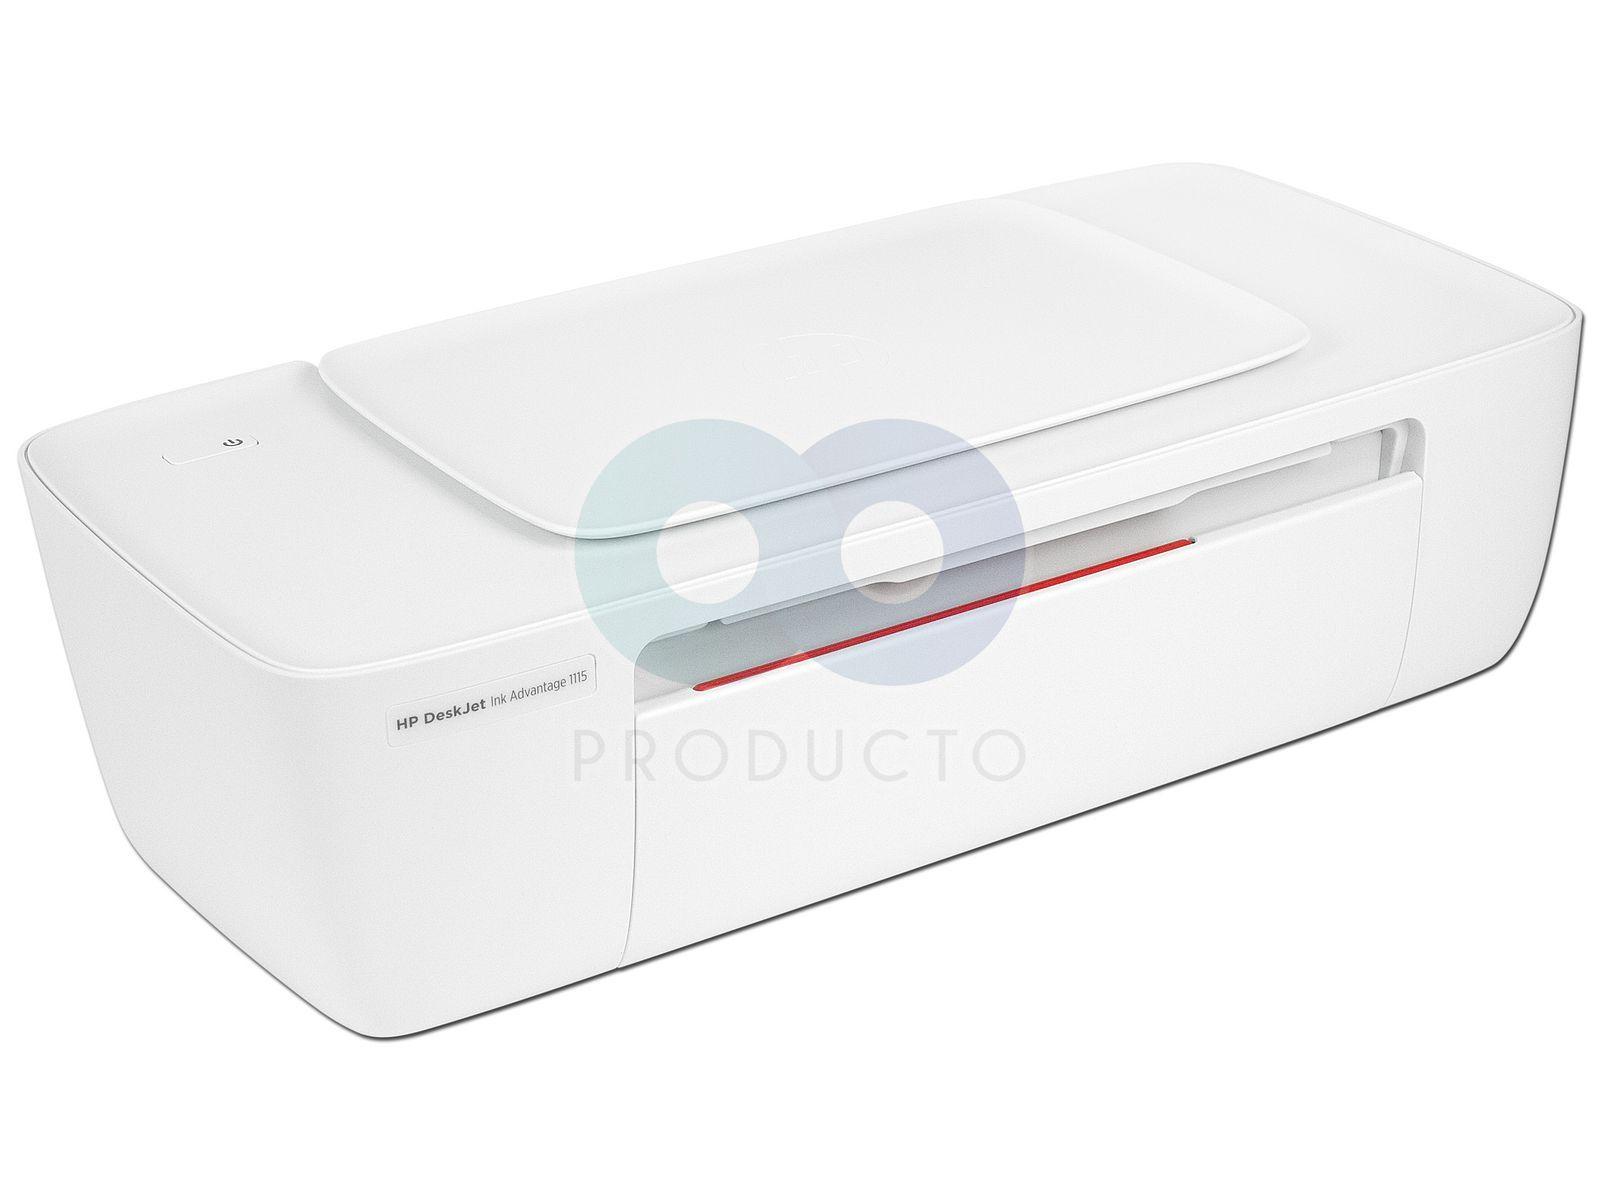 Impresora De Inyecci 243 N De Tinta A Color Hp Deskjet Ink